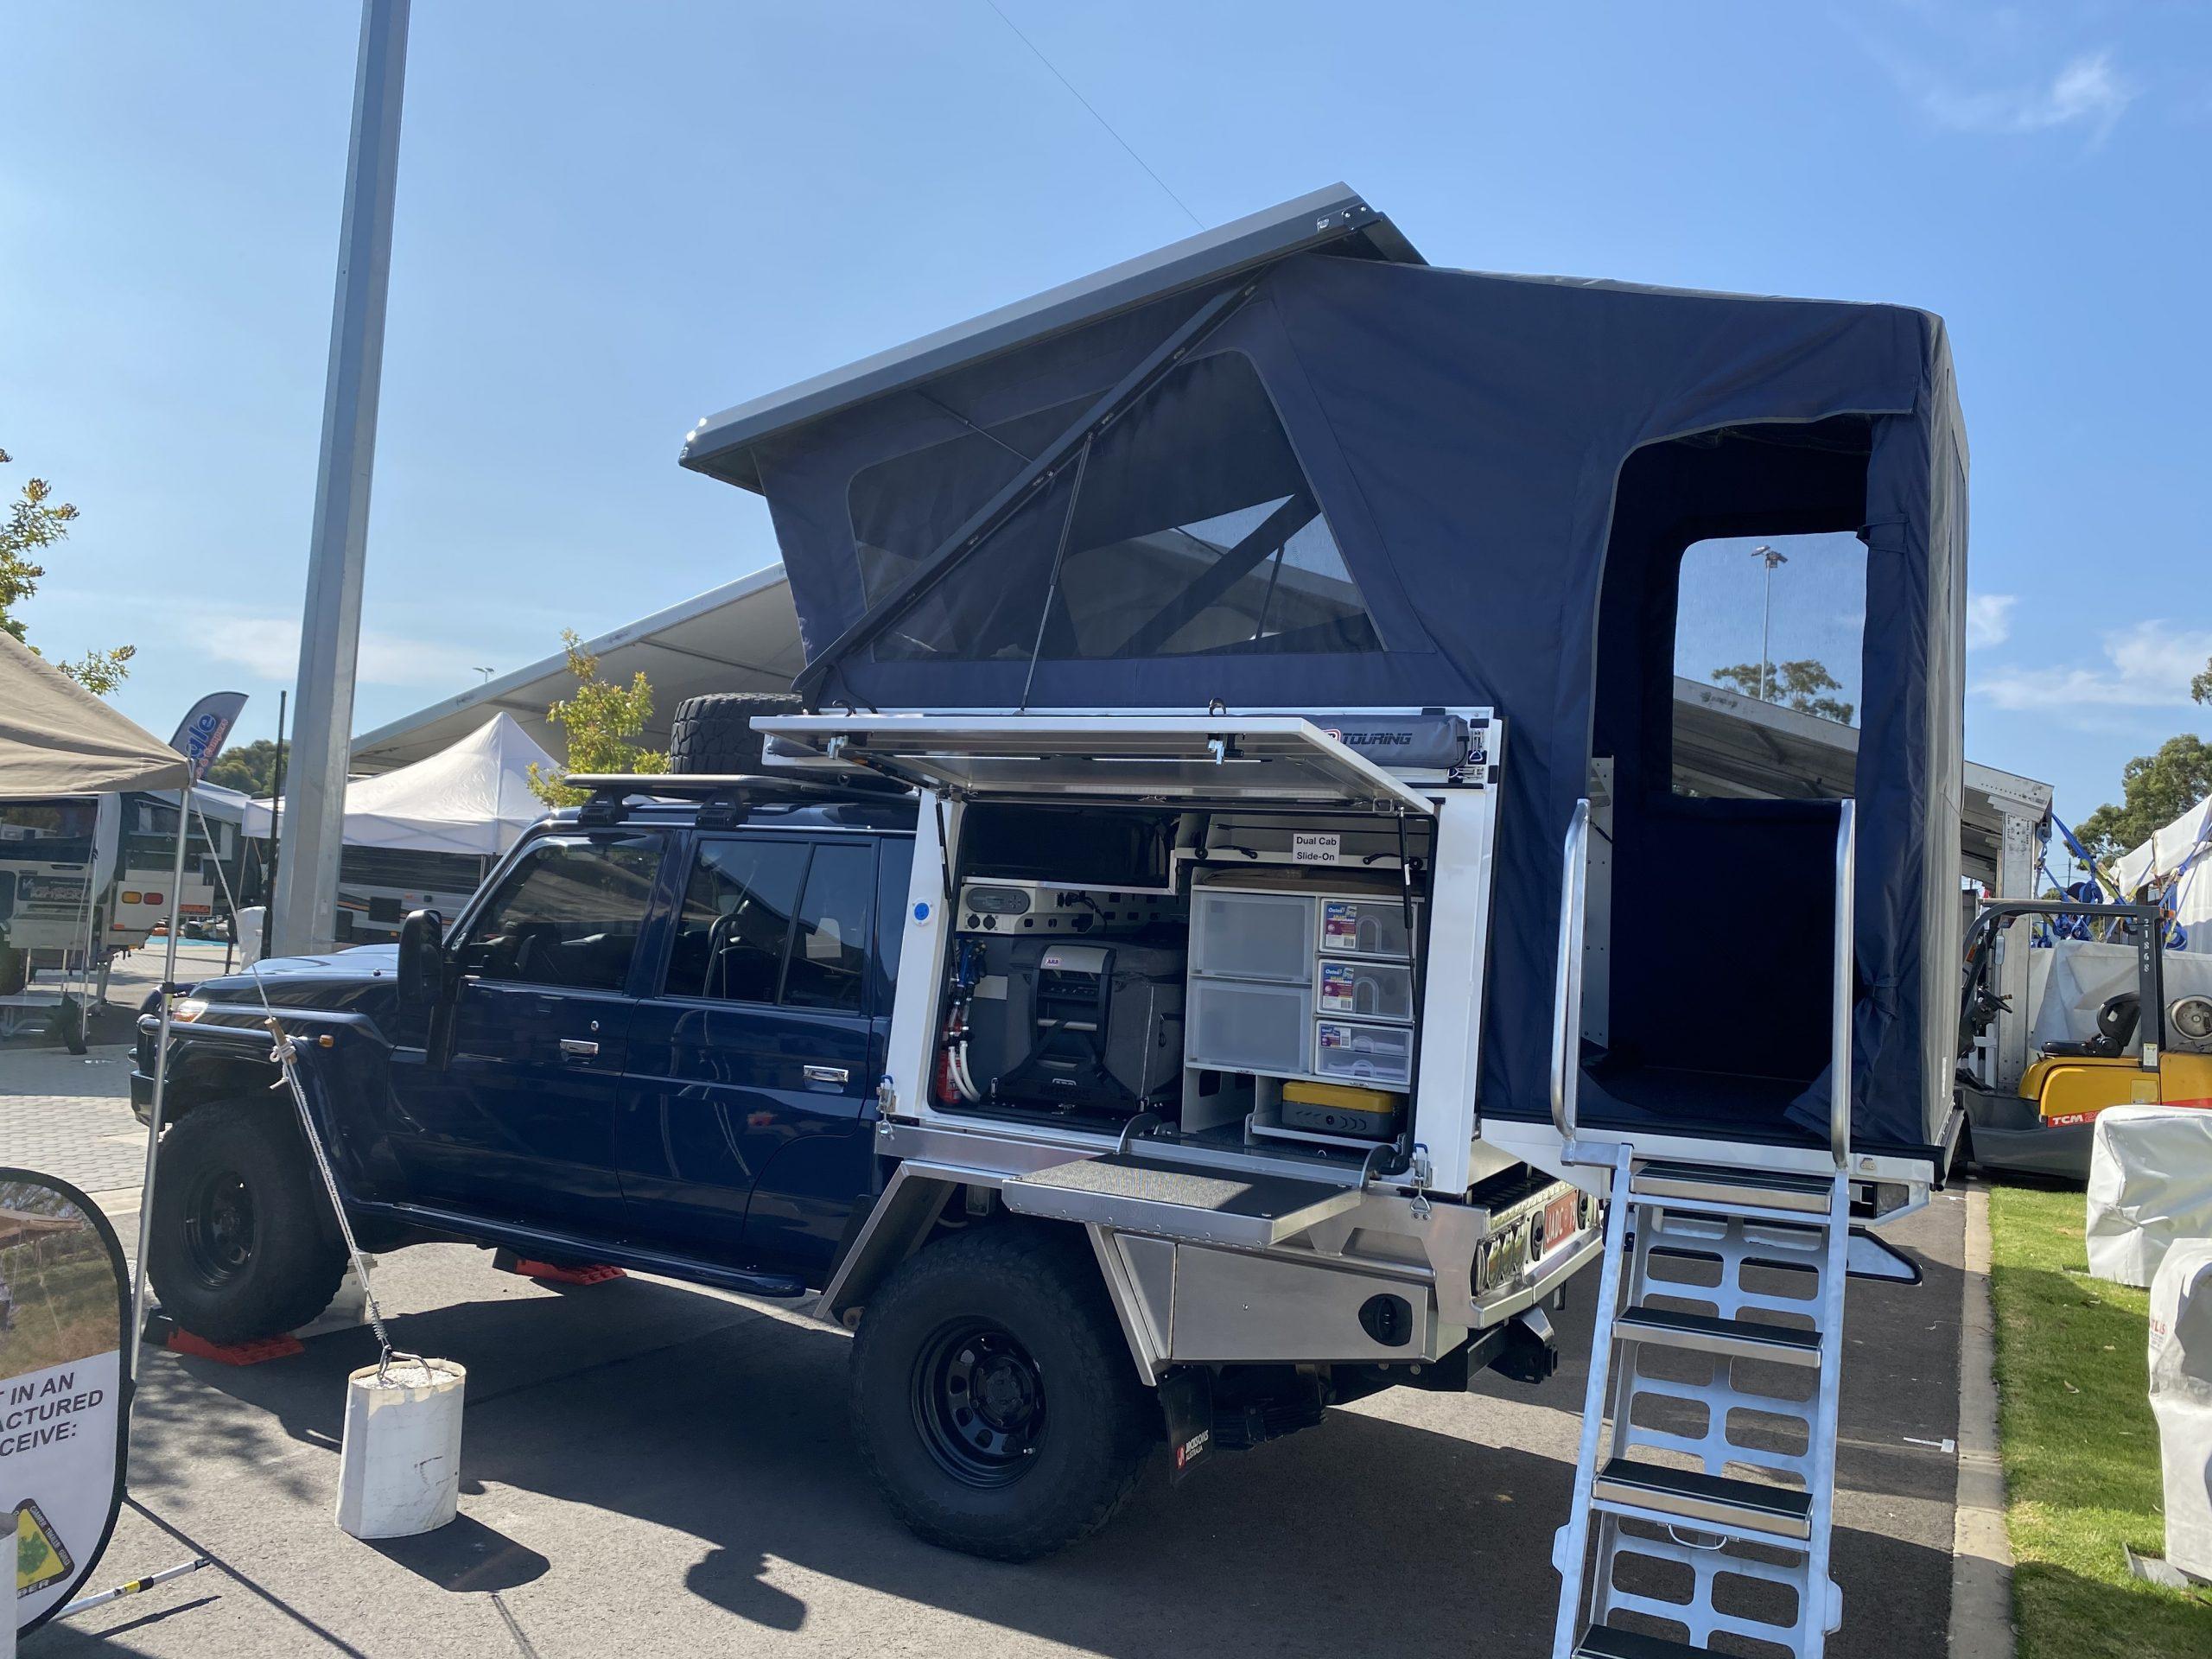 Jacksons Carry Me Camper introduces a dual-cab, hard lid, slide-on camper